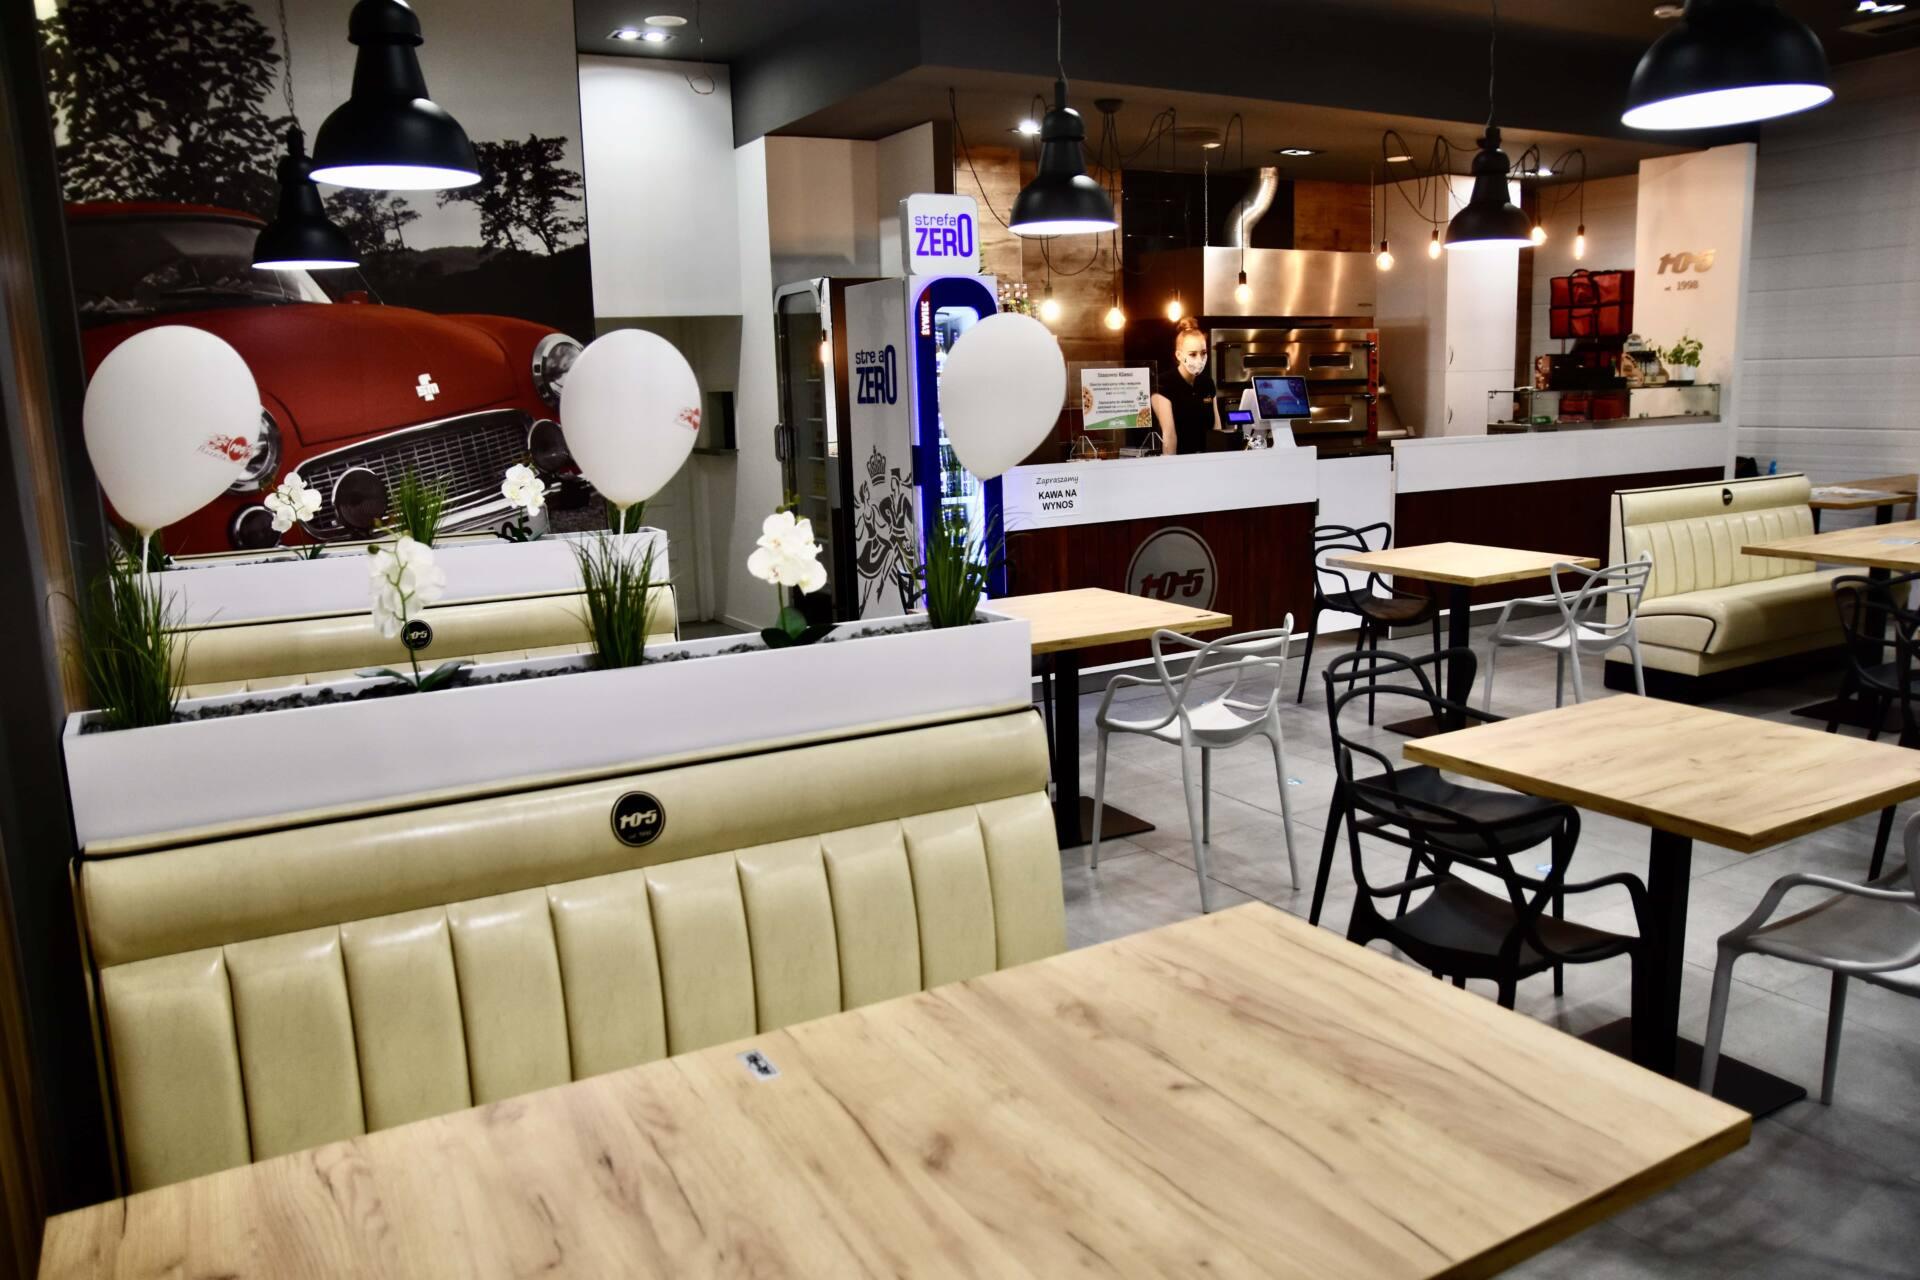 dsc 3289 Pizzeria Stopiątka otworzyła swój pierwszy lokal w Zamościu.